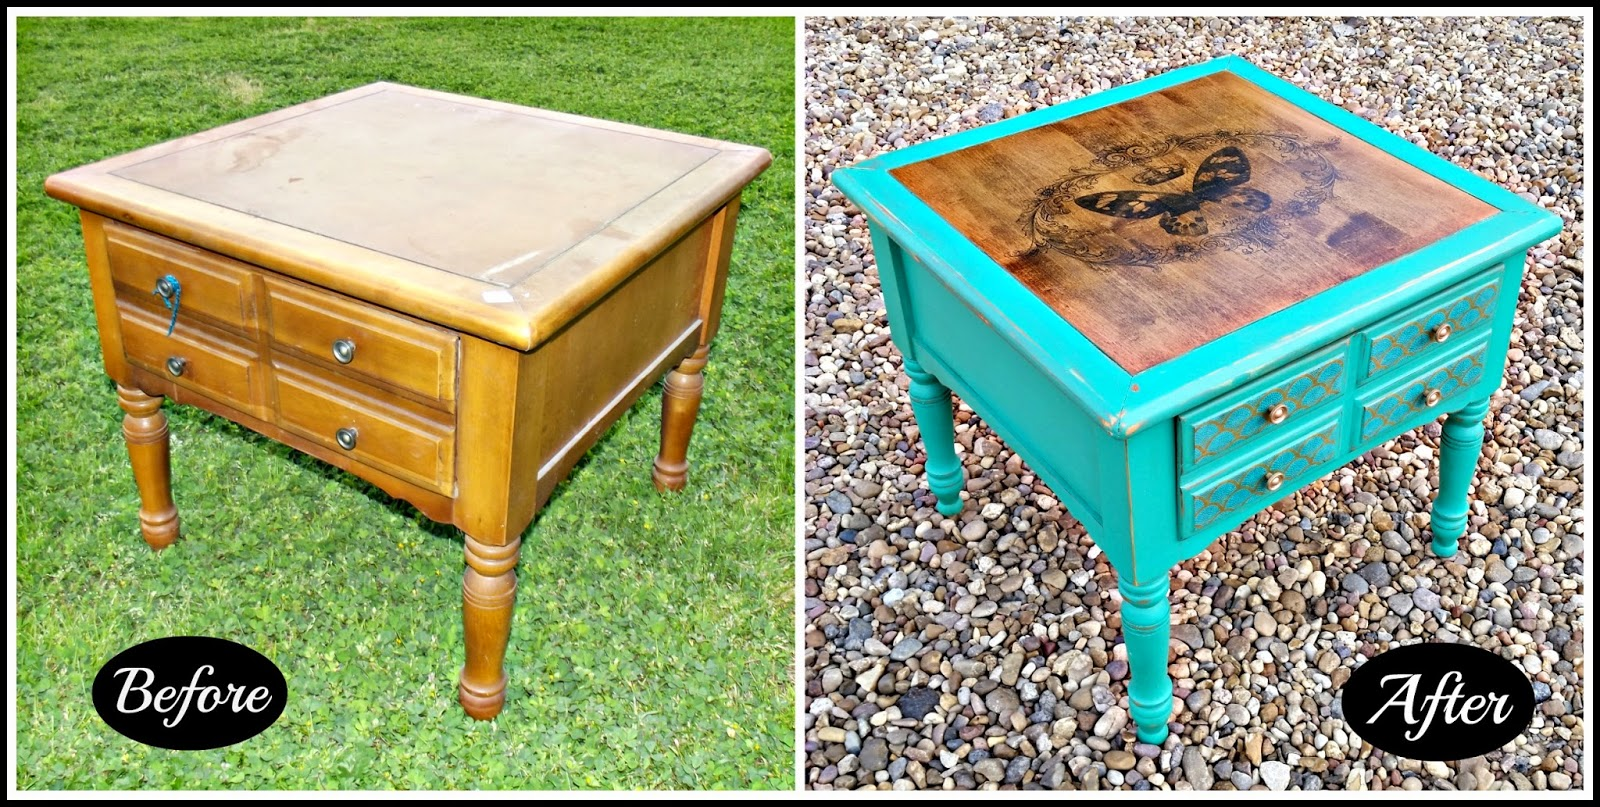 3 Spurz DandC Repurposed /Refurbished Creations!!